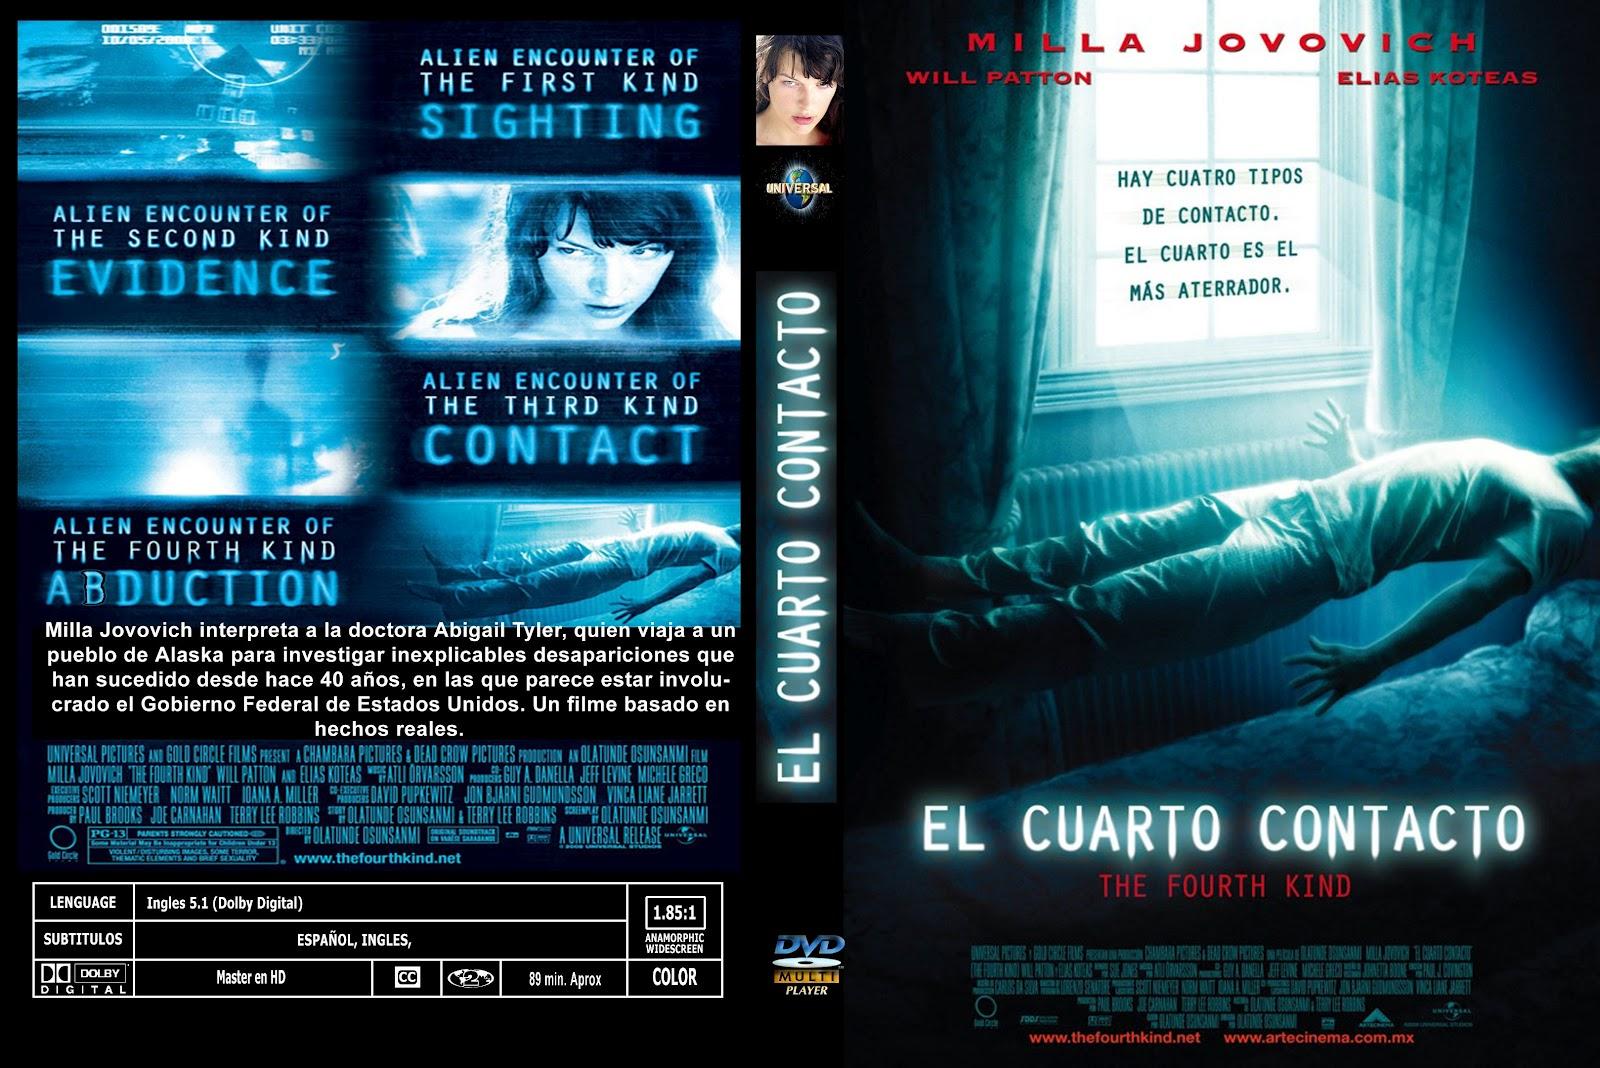 peliculas dvd full el cuarto contacto the fourth kind